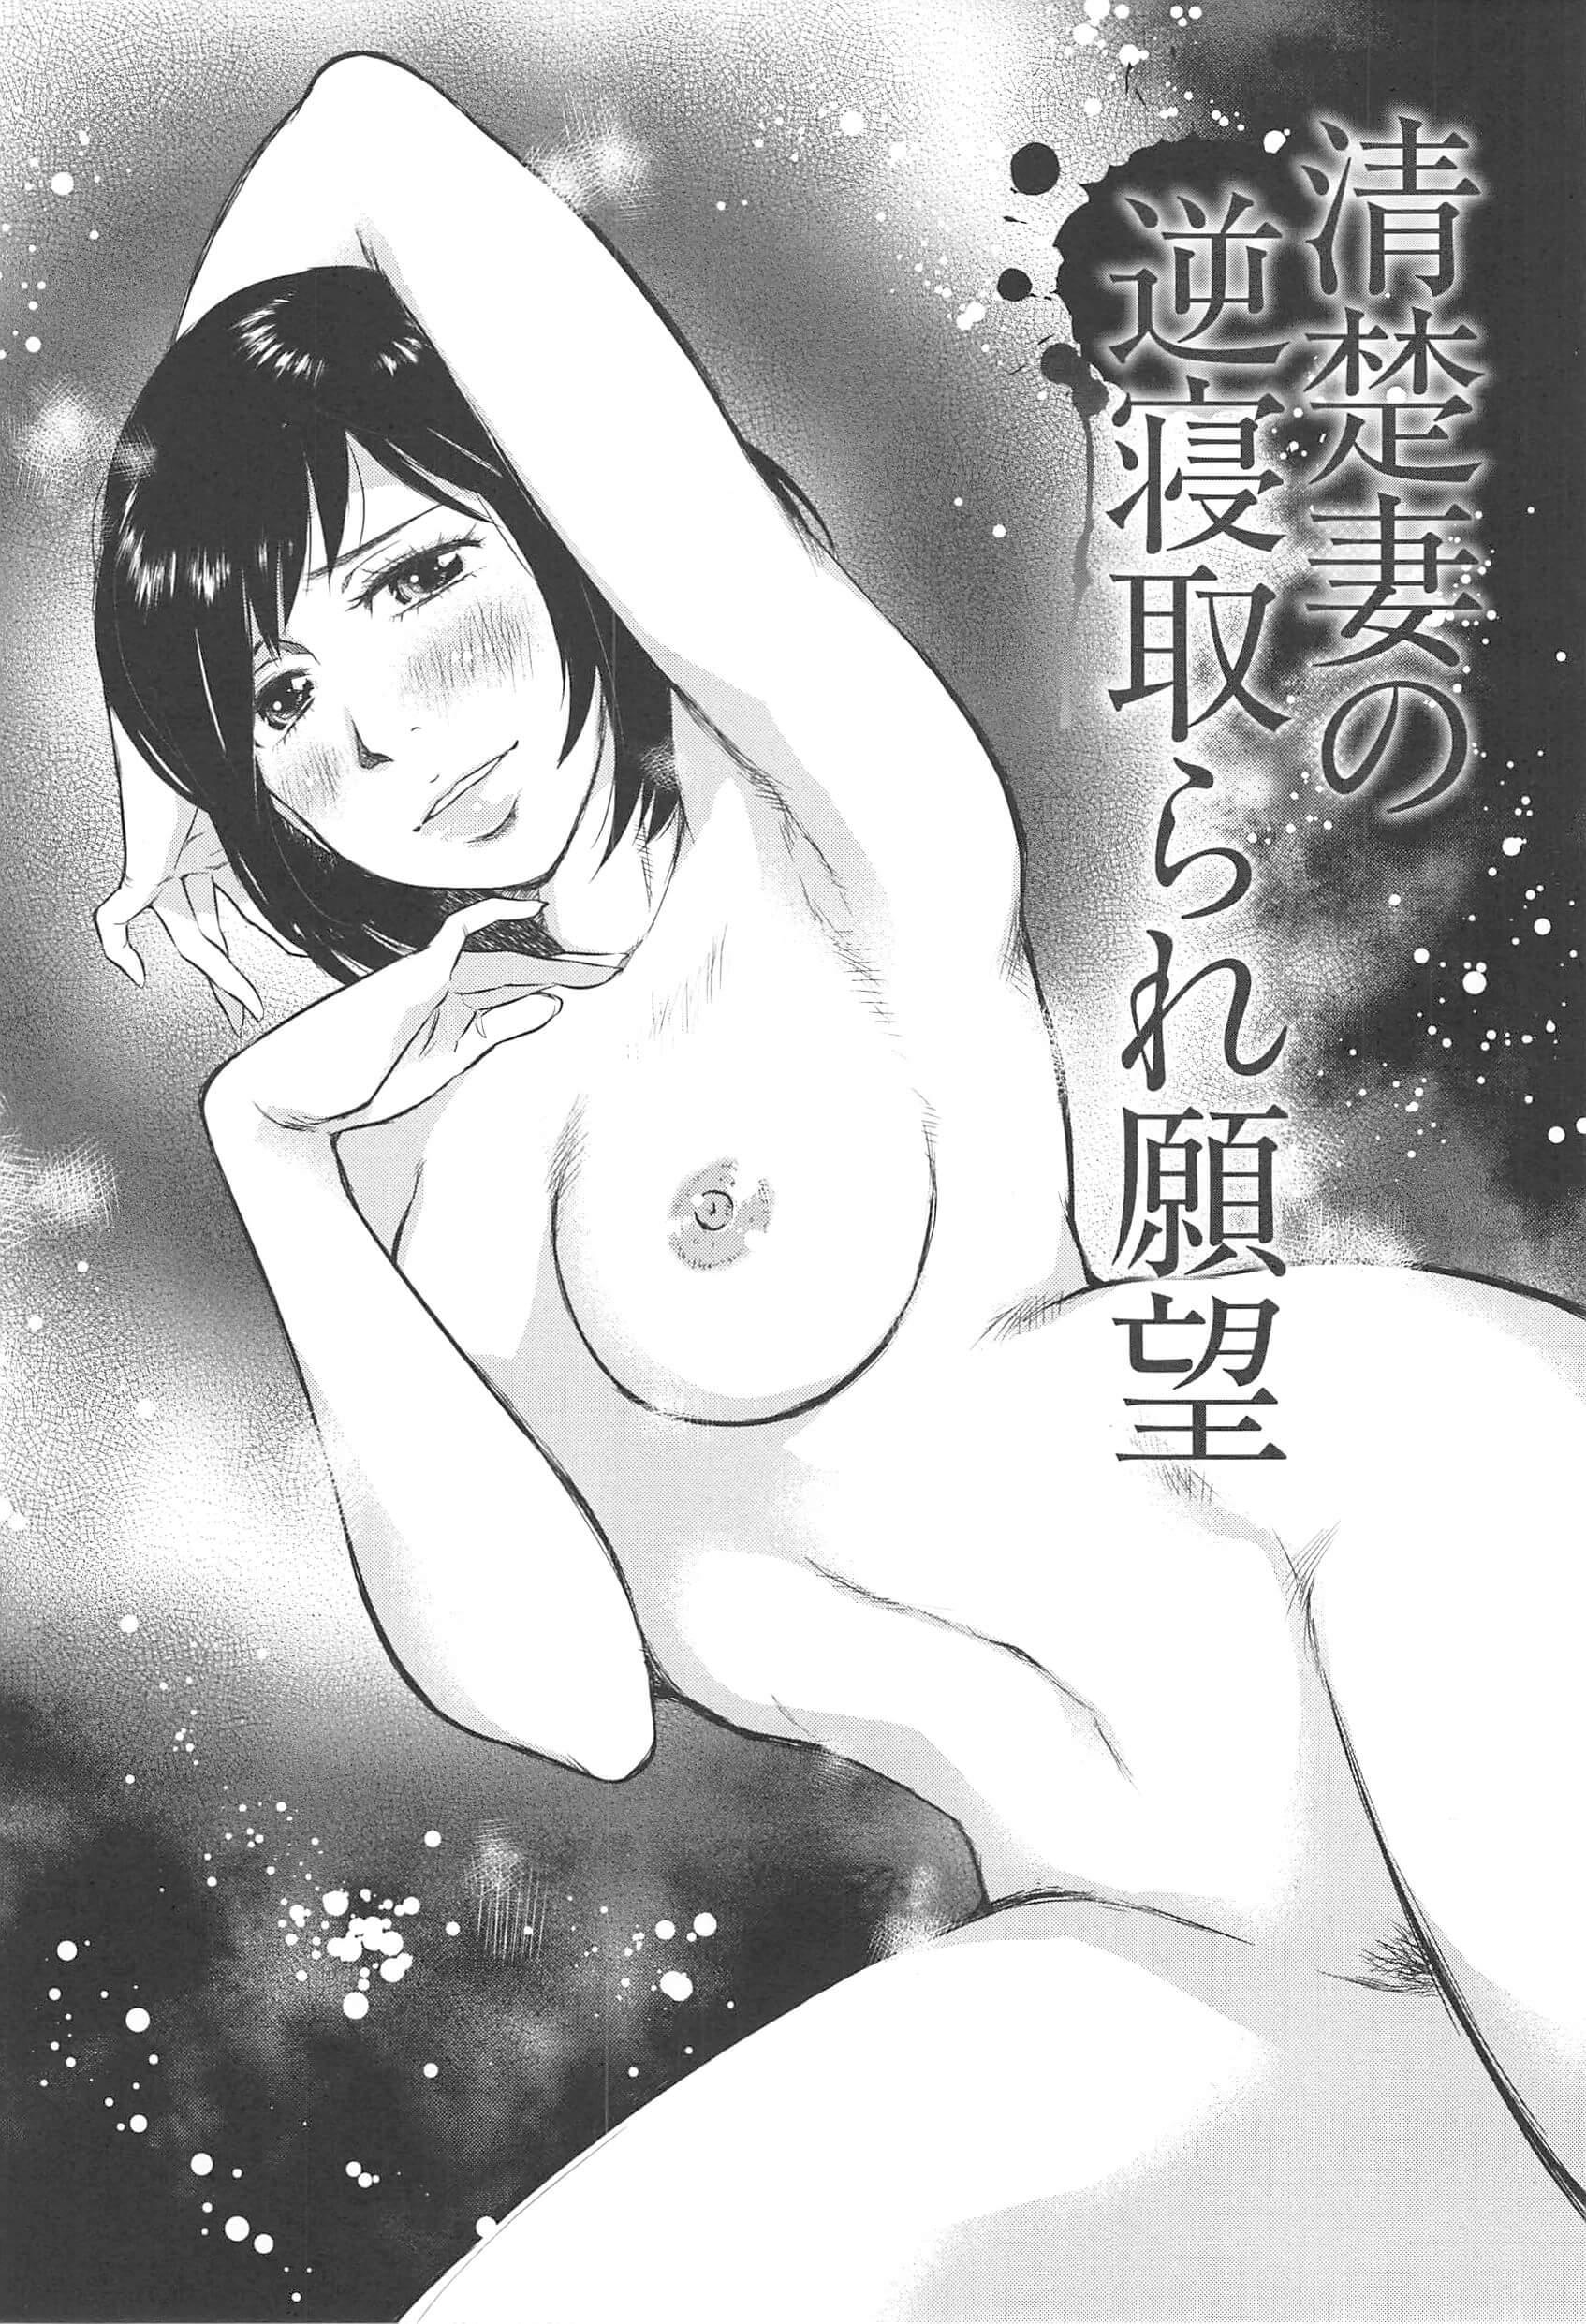 【エロ漫画】夫婦でセックスをしていると朋美は和樹にホテルに他の女性を呼んでNTRている和樹が見たいと言う。【無料 エロ同人】